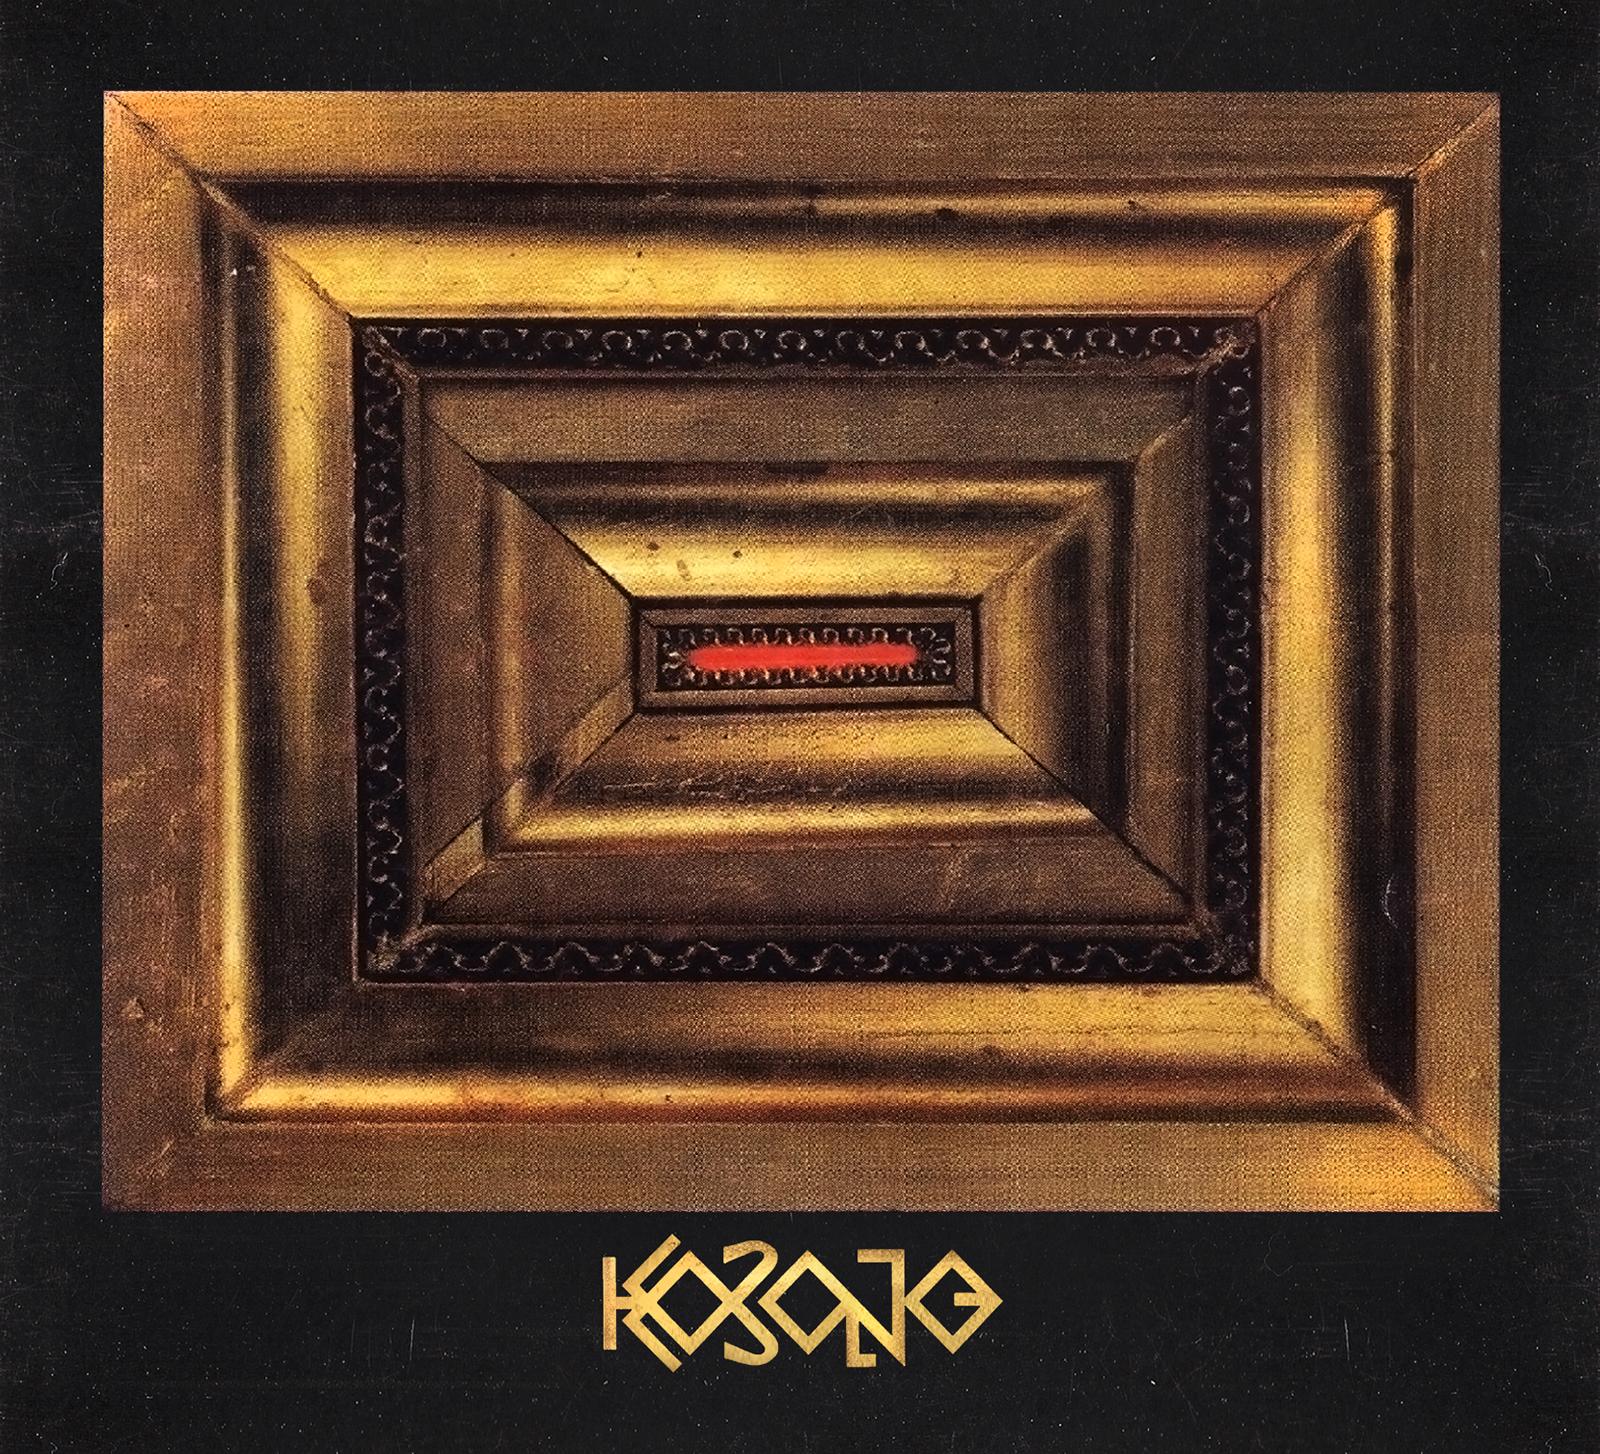 Kobong – reedycja debiutanckiego albumu najchętniej kupowaną płytą w Empik.com